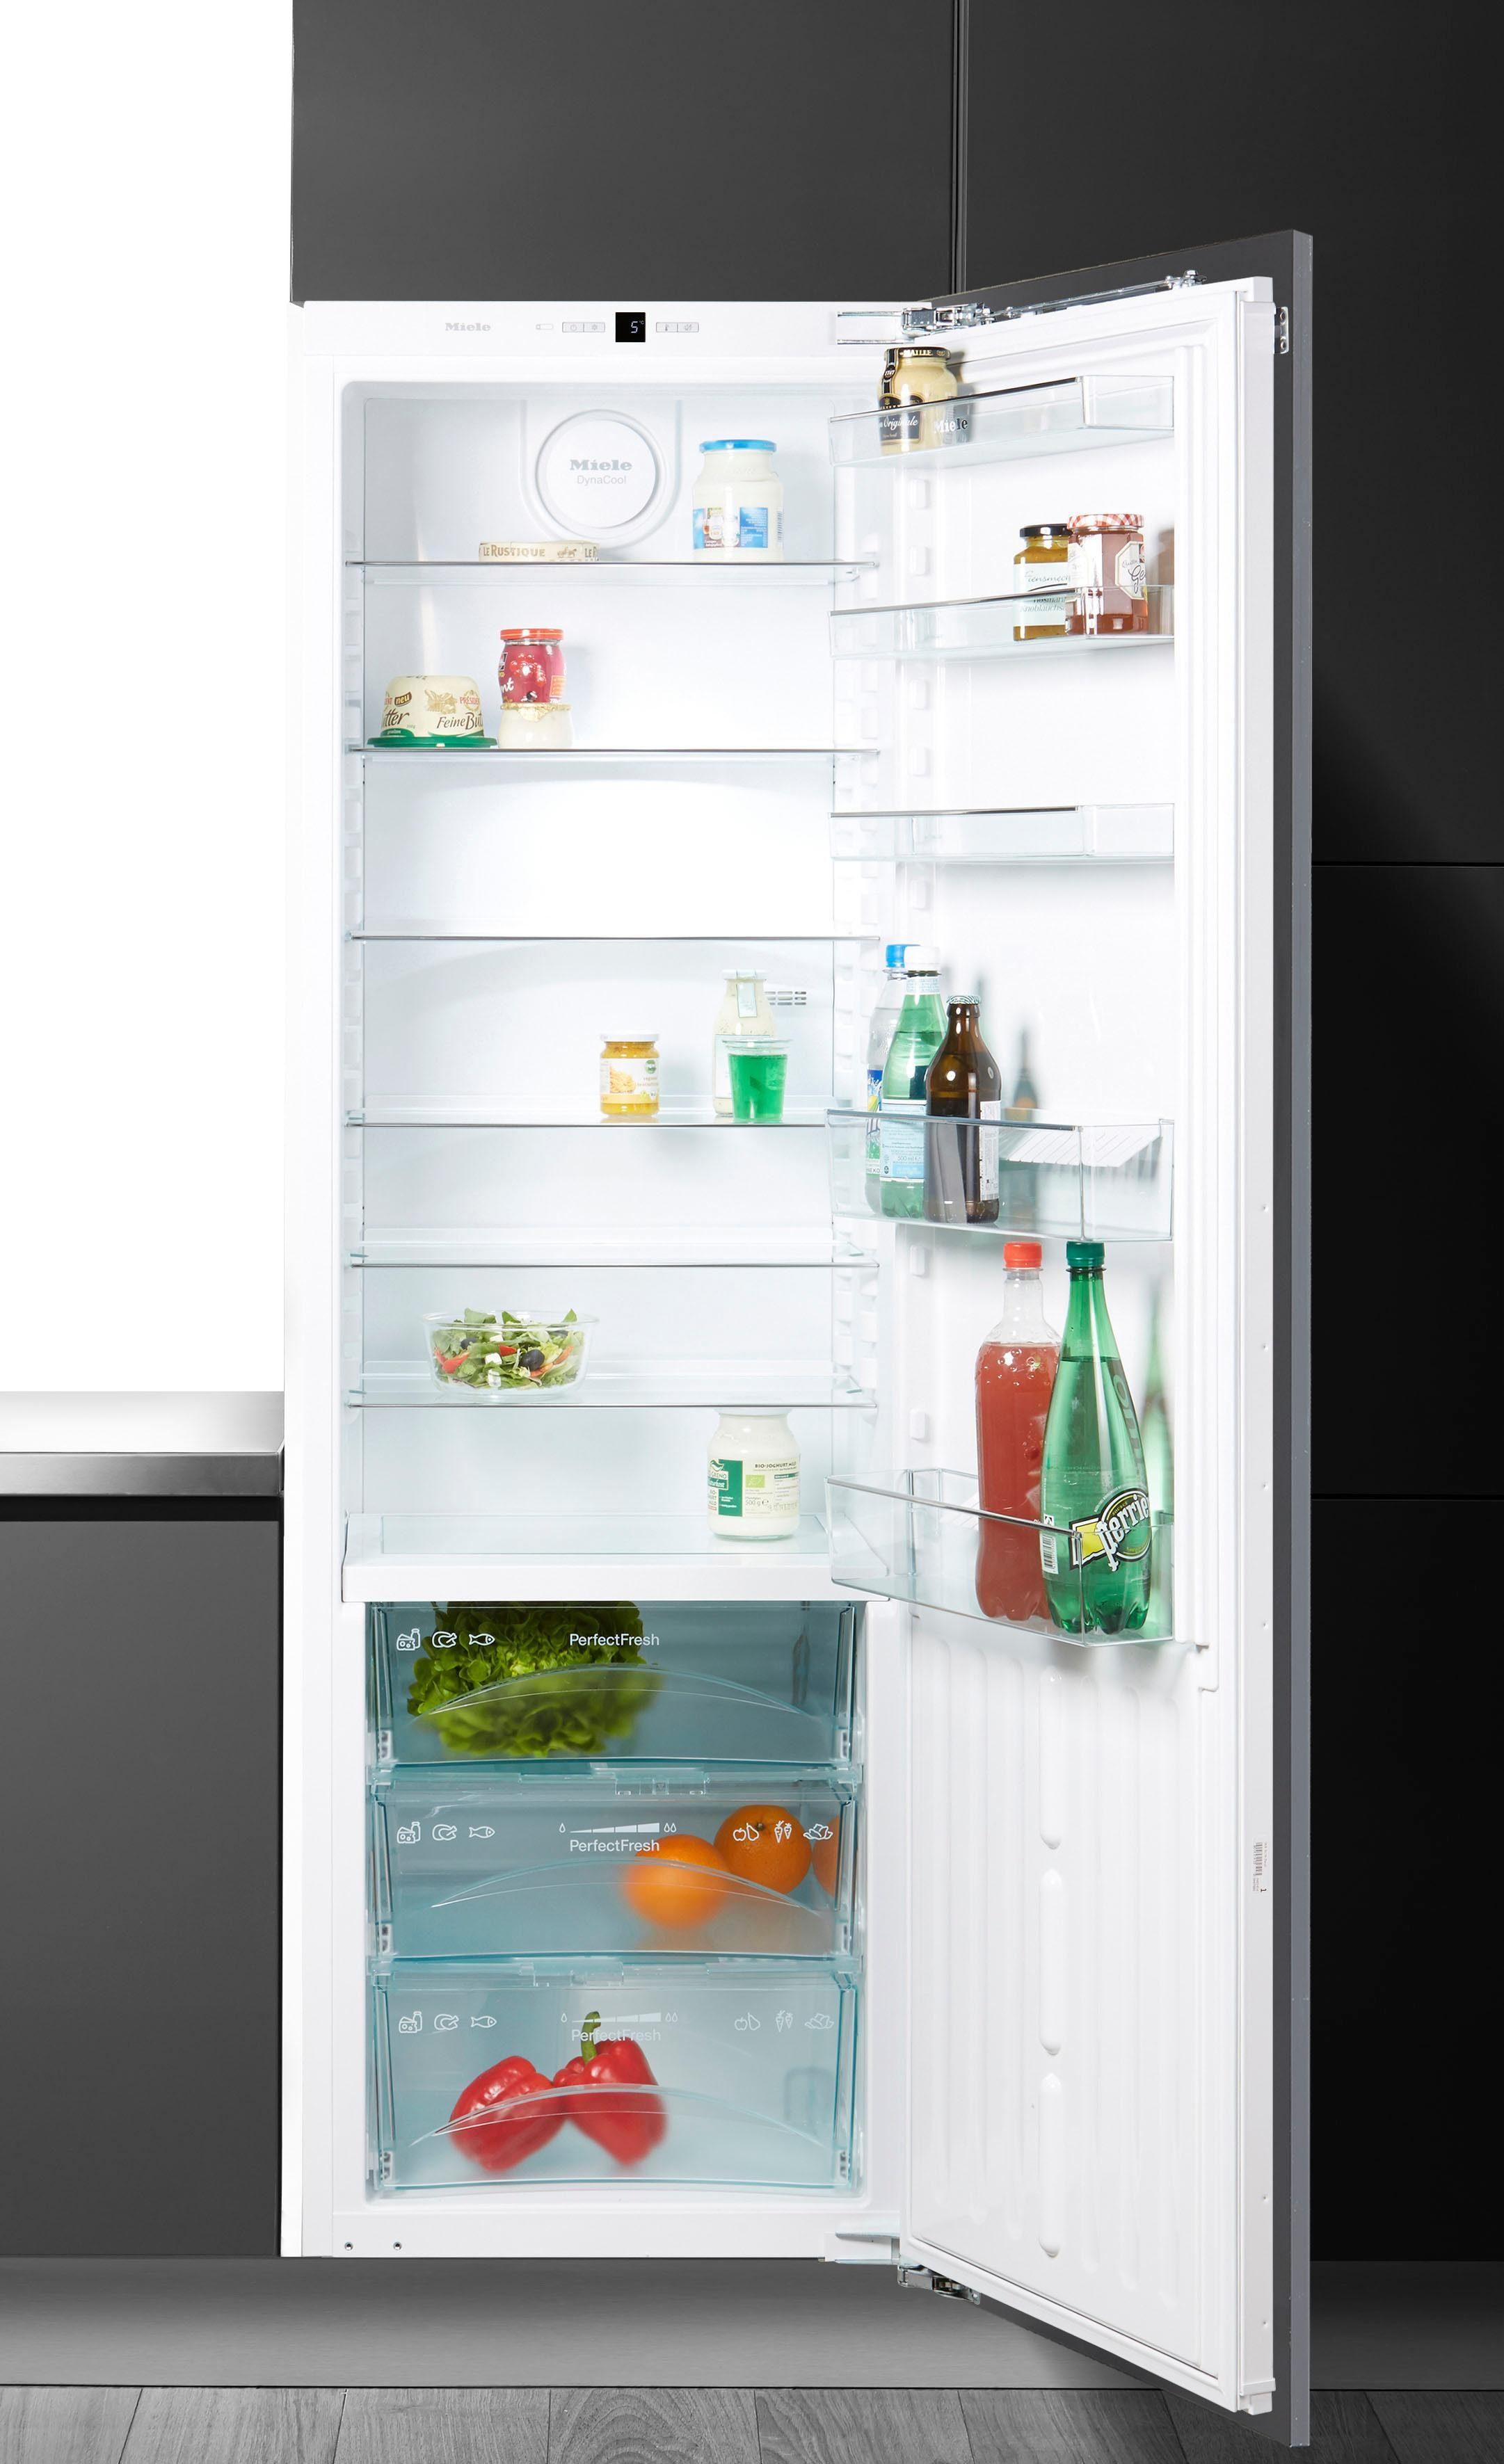 Miele Einbaukühlschrank K 37272 iD, 177 cm hoch, 55,9 cm breit